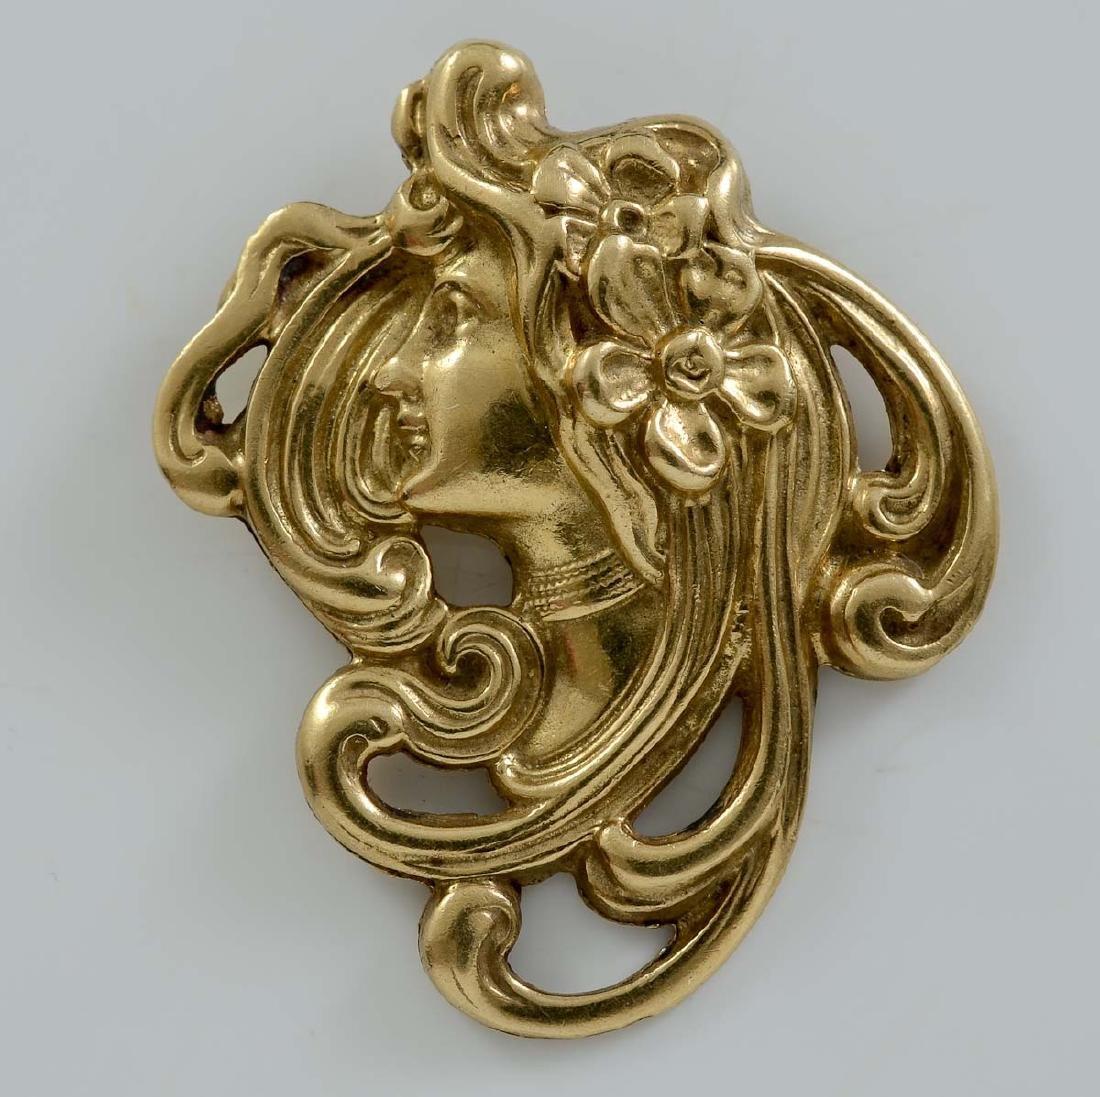 14K Art Nouveau Pendant